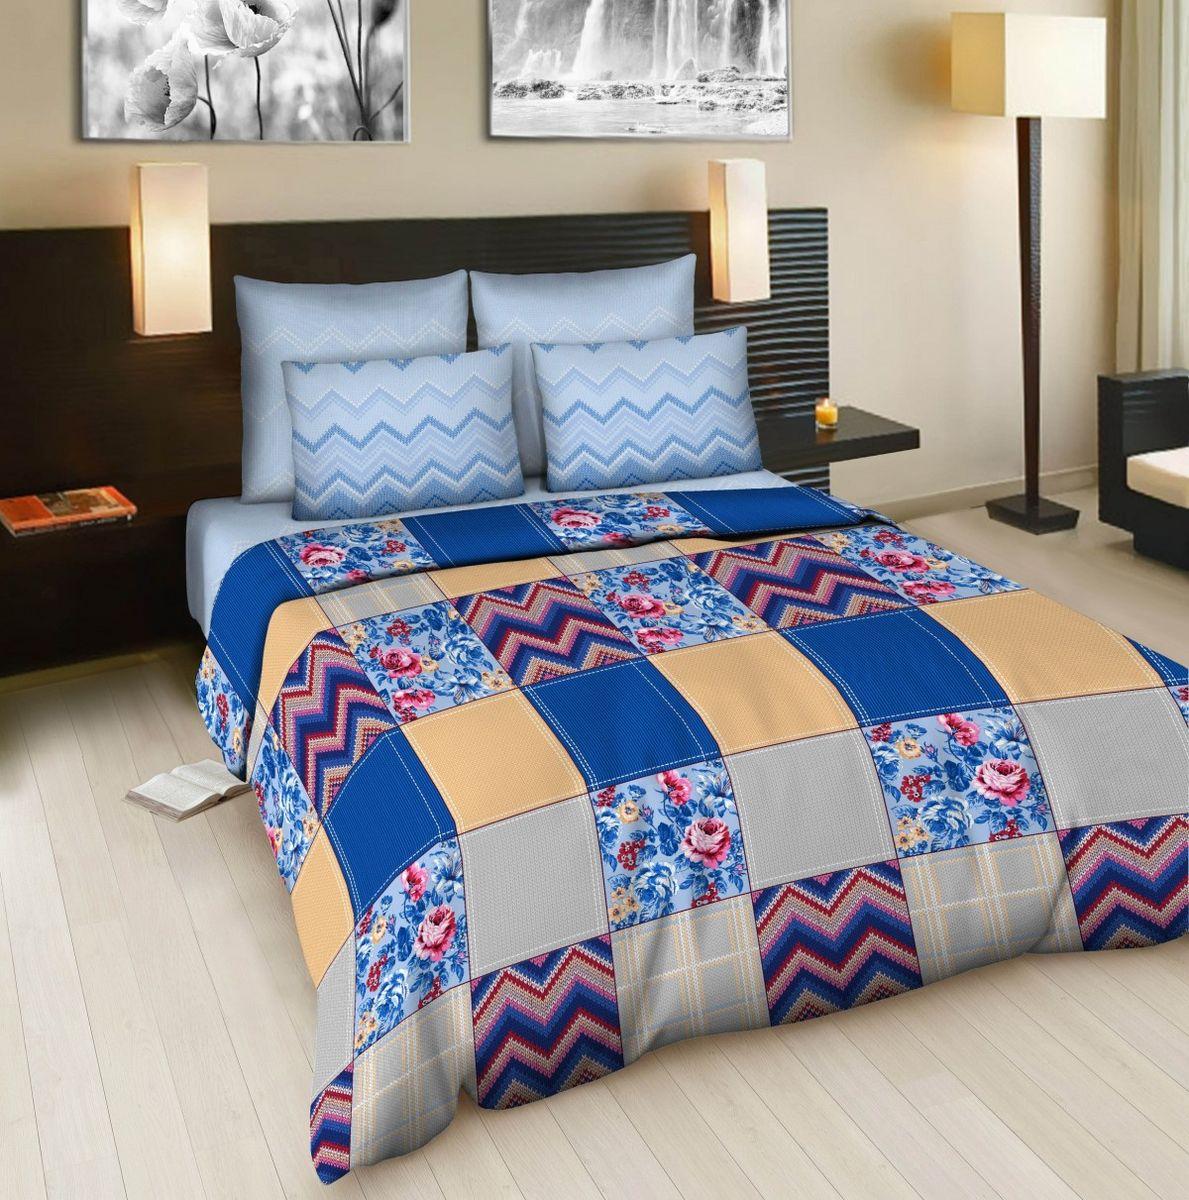 Комплект белья Amore Mio Dady, 2-спальный, наволочки 70x70, цвет: синий, бежевый, красныйPANTERA SPX-2RSКомплект постельного белья Amore Mio Dady выполнен из бязи - 100% хлопка. Комплект состоит из пододеяльника, простыни и двух наволочек. Постельное белье, оформленное оригинальным принтом, имеет изысканный внешний вид и яркую цветовую гамму. Наволочки застегиваются на клапаны.Постельное белье из бязи практично и долговечно. Материал великолепно отводит влагу, отлично пропускает воздух, не капризен в уходе, легко стирается и гладится. Благодаря такому комплекту постельного белья вы сможете создать атмосферу роскоши и романтики в вашей спальне.